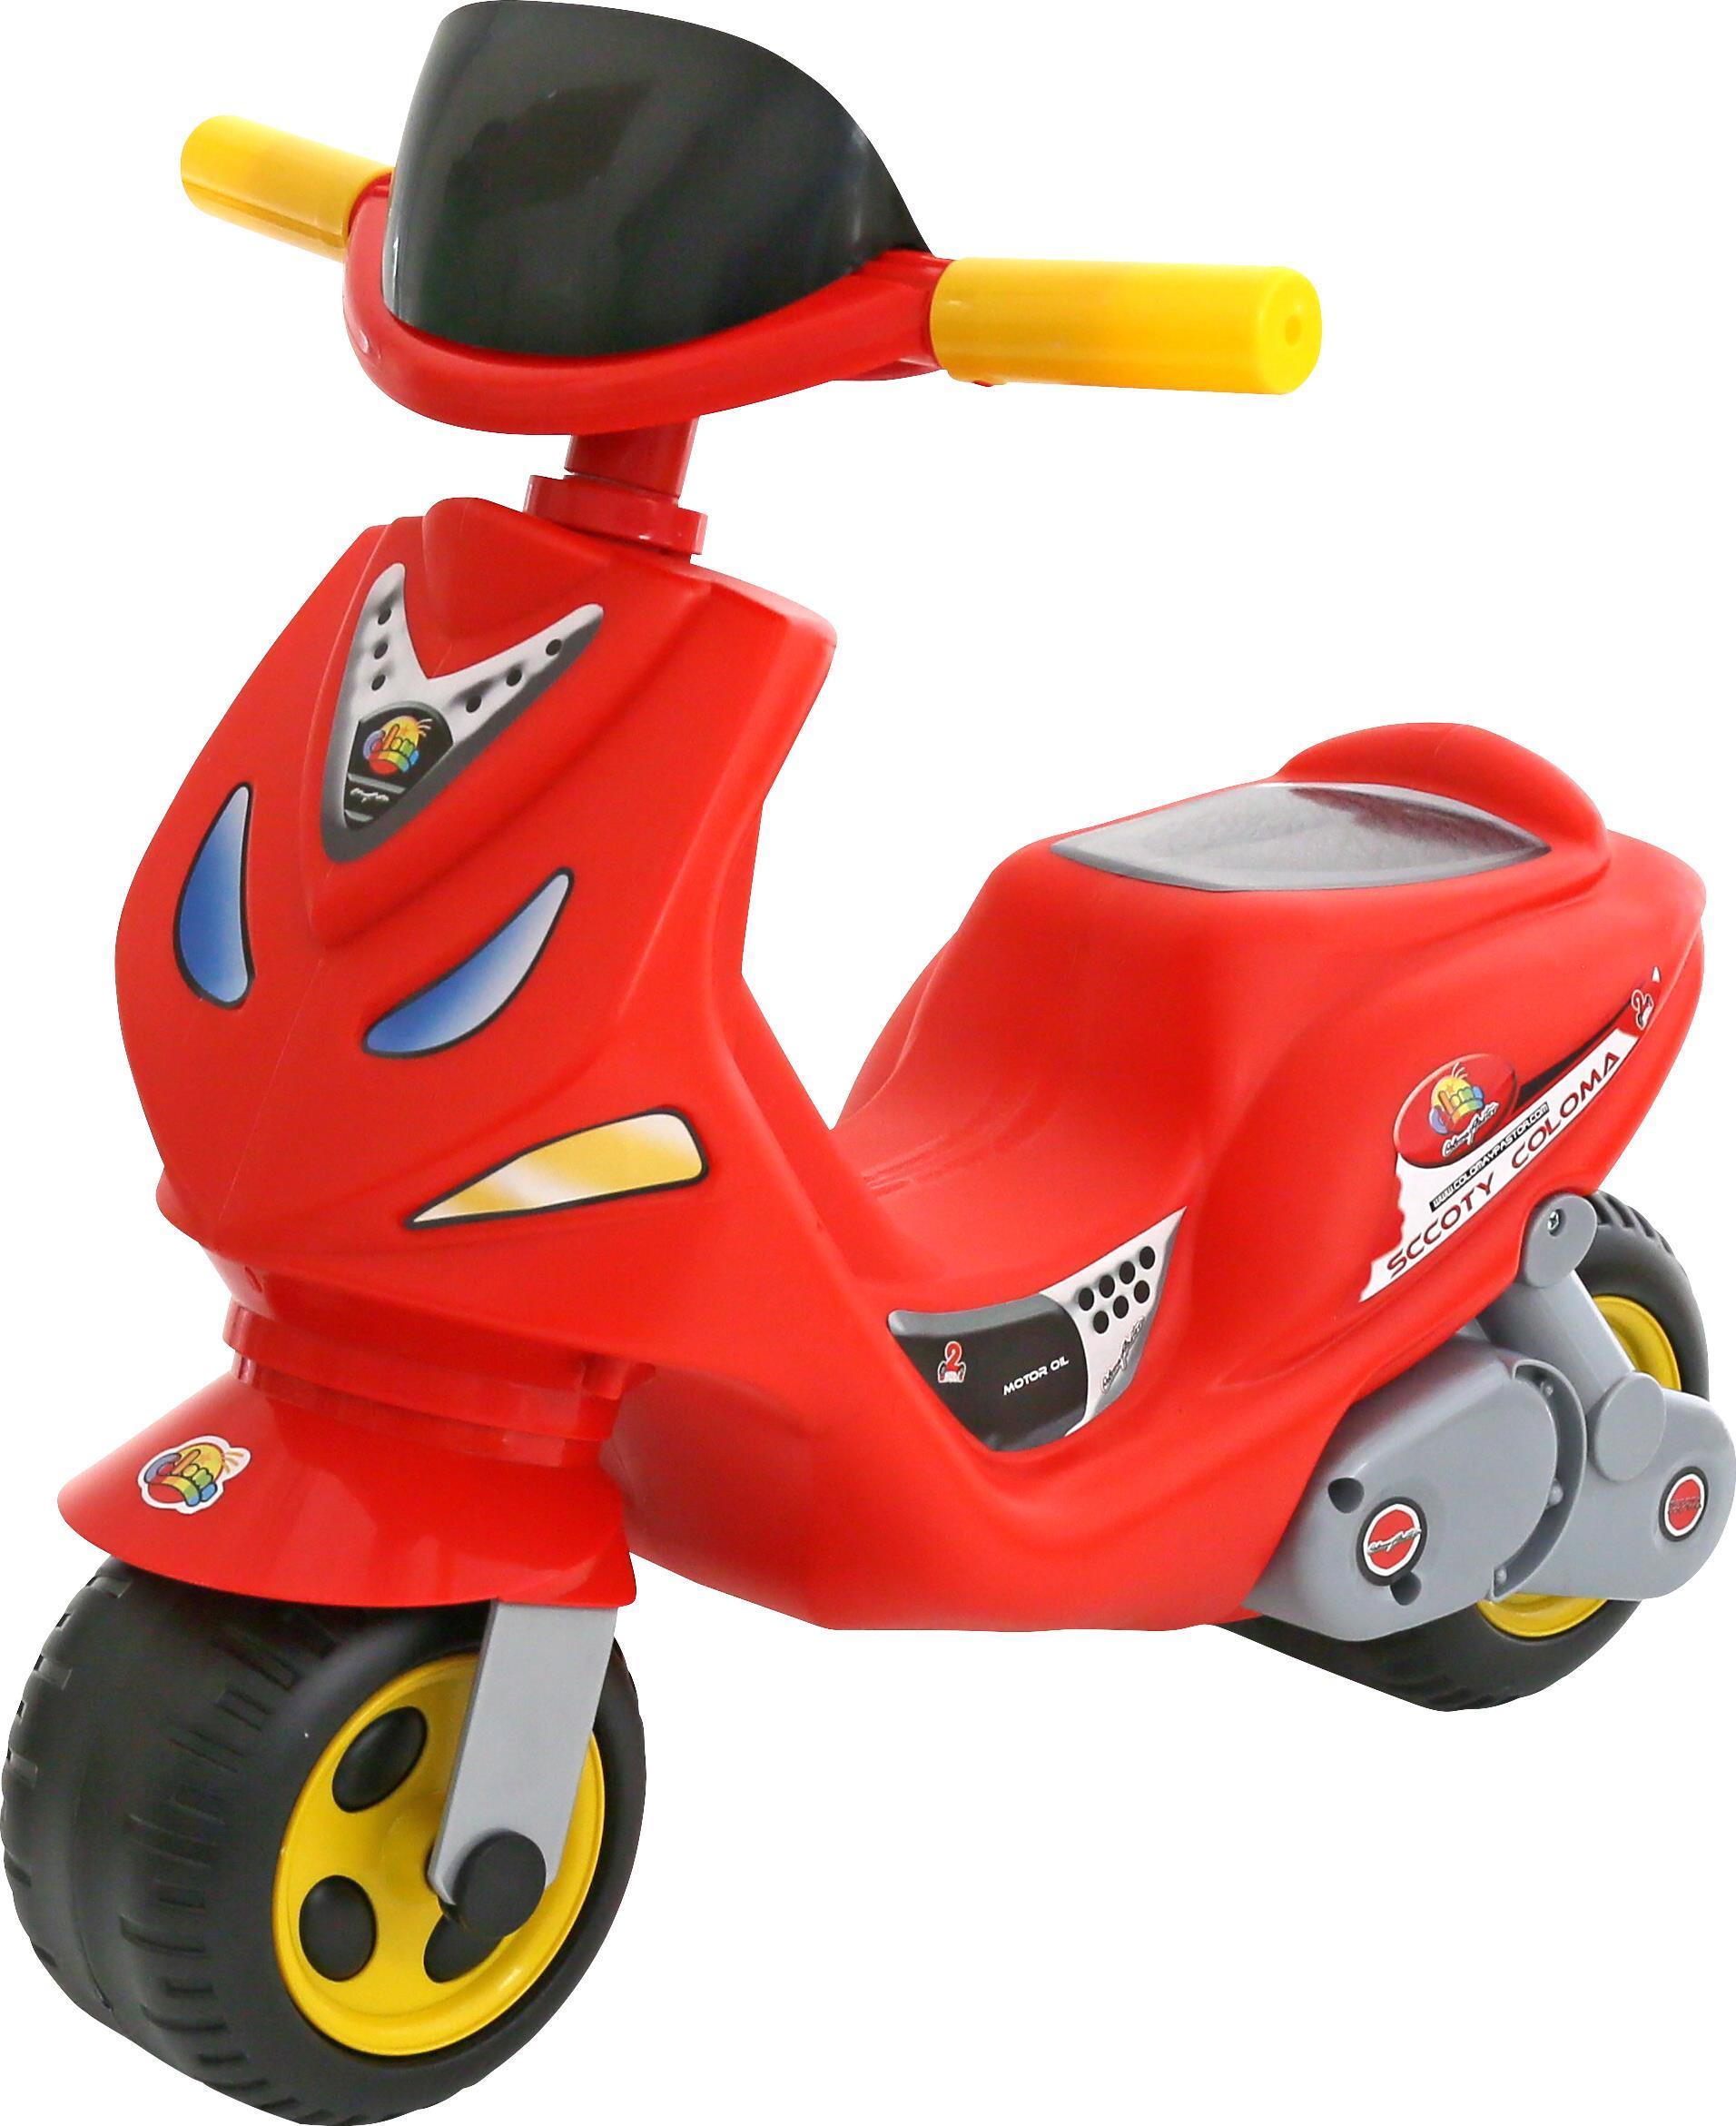 Каталка-скутер MigМашинки-каталки для детей<br>Каталка-скутер Mig<br>